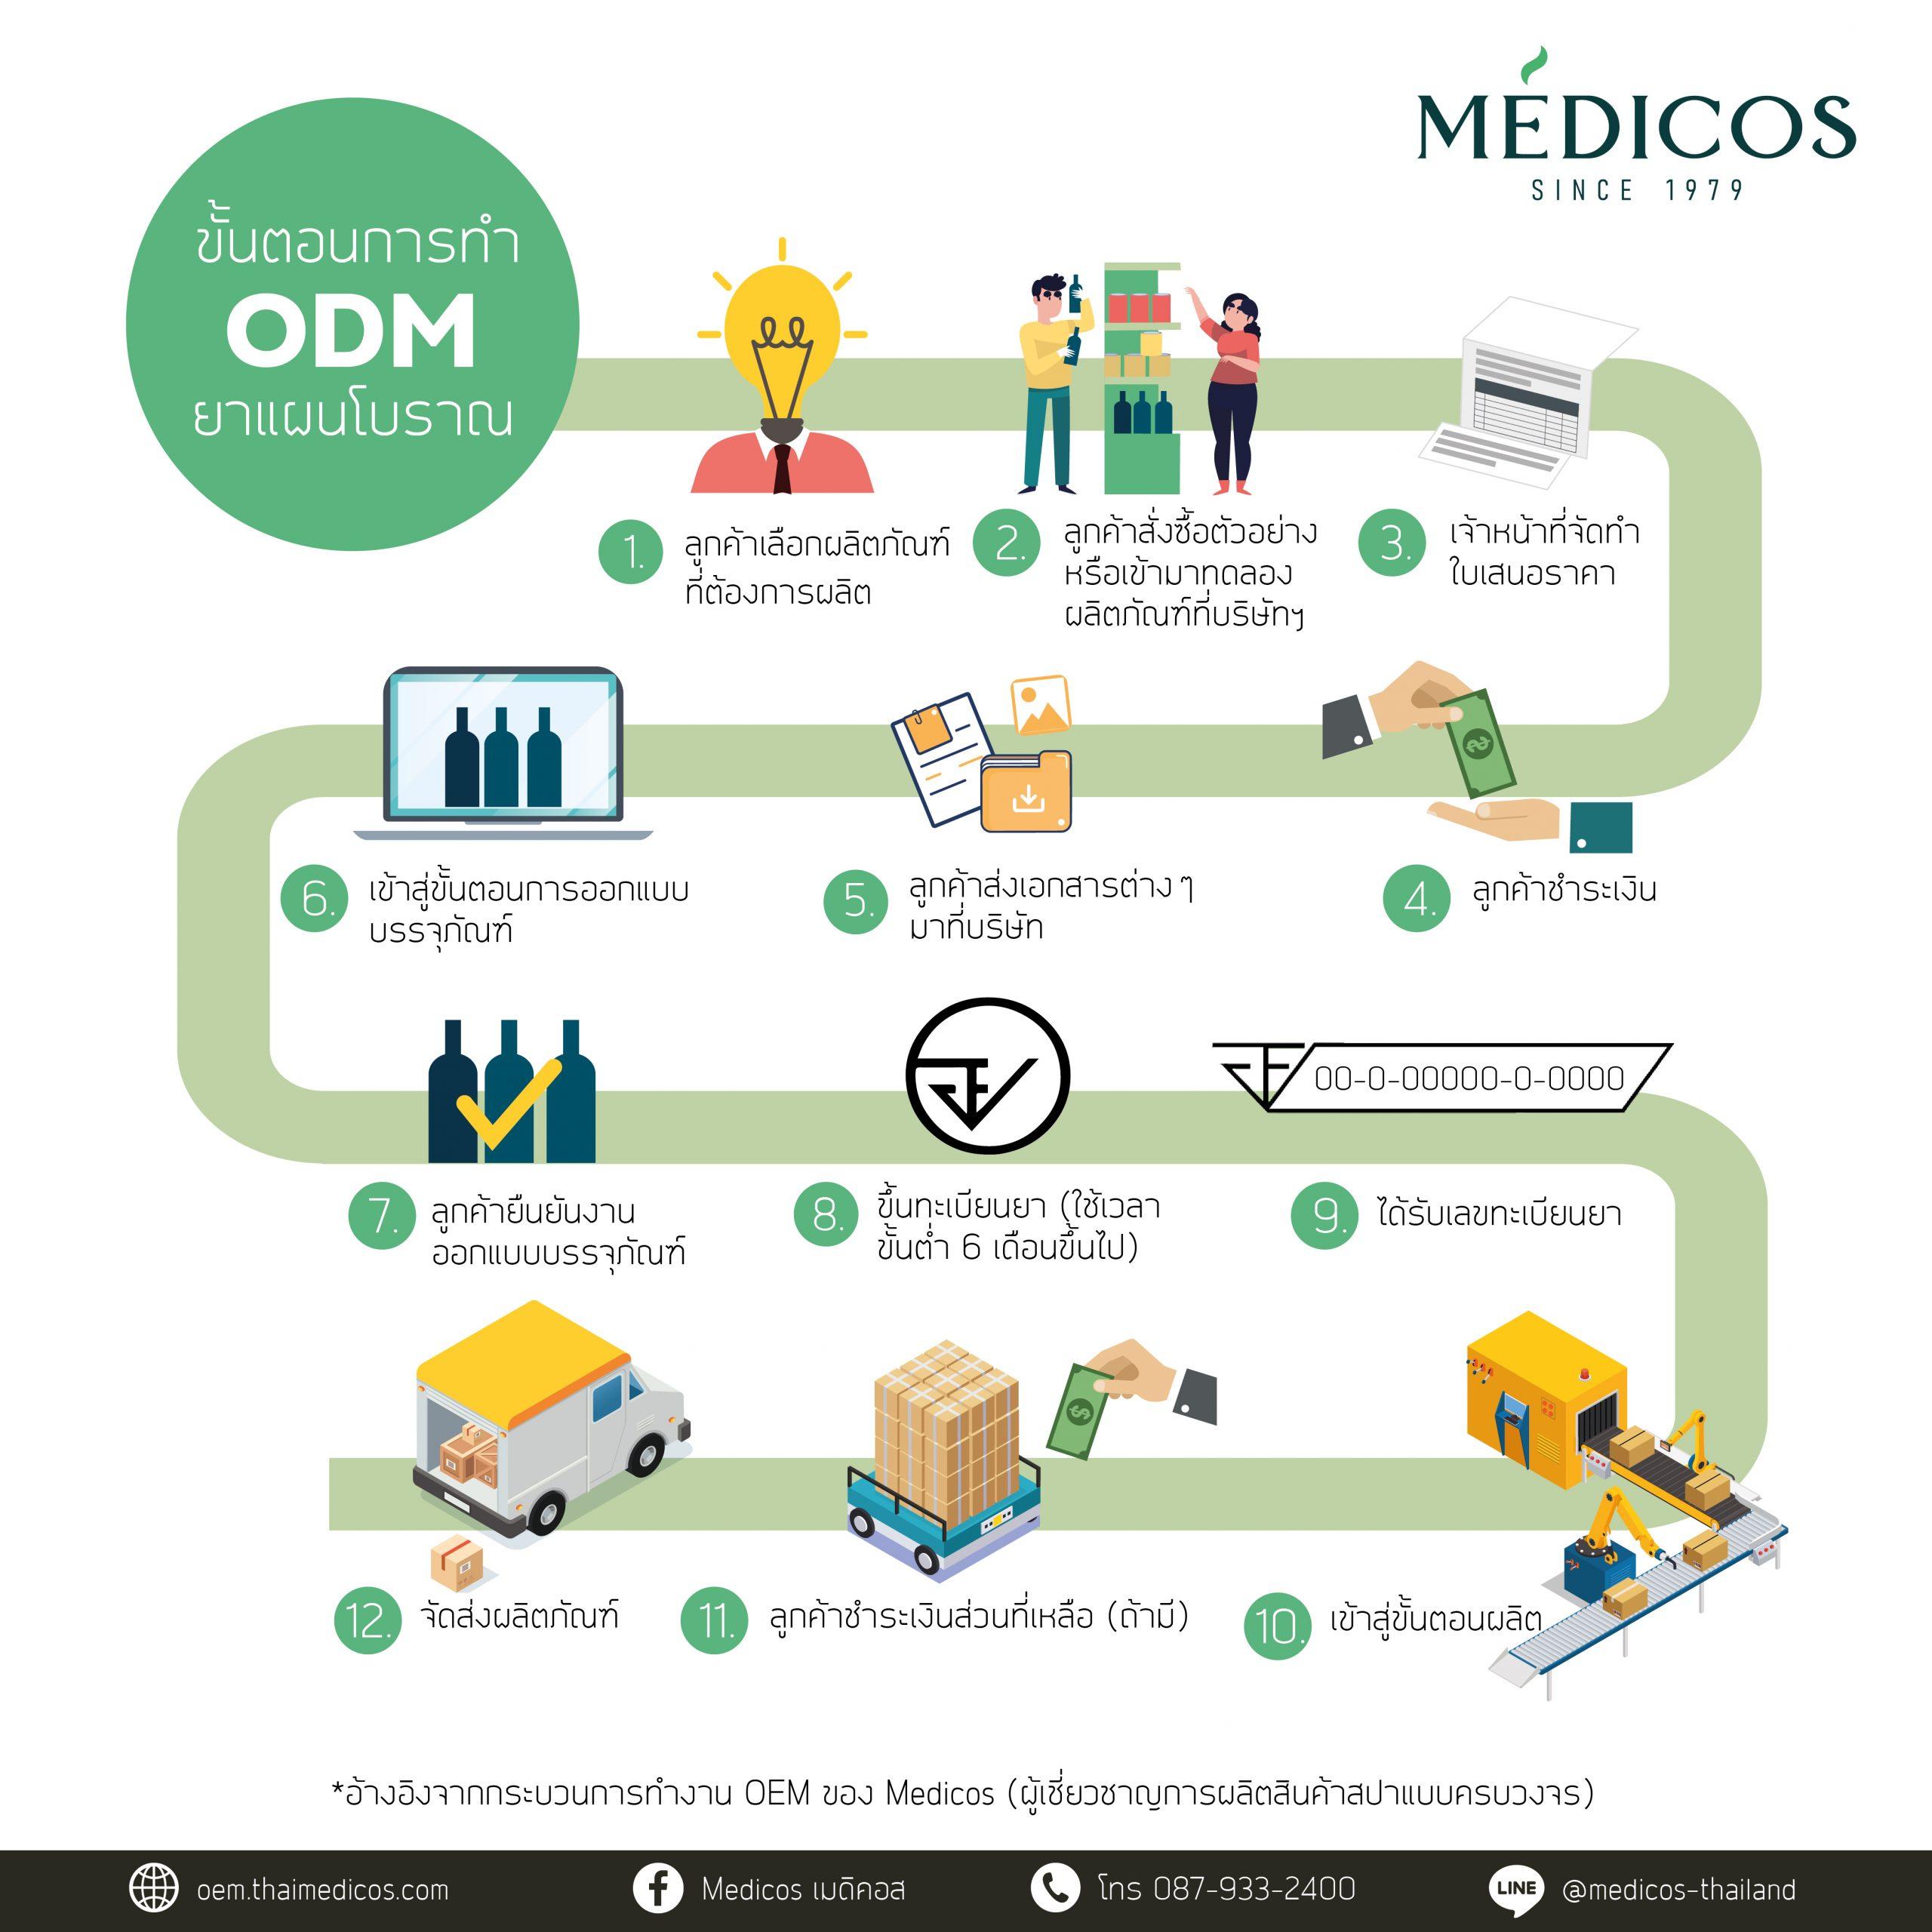 ขั้นตอน ODM ยาแผนโบราณ